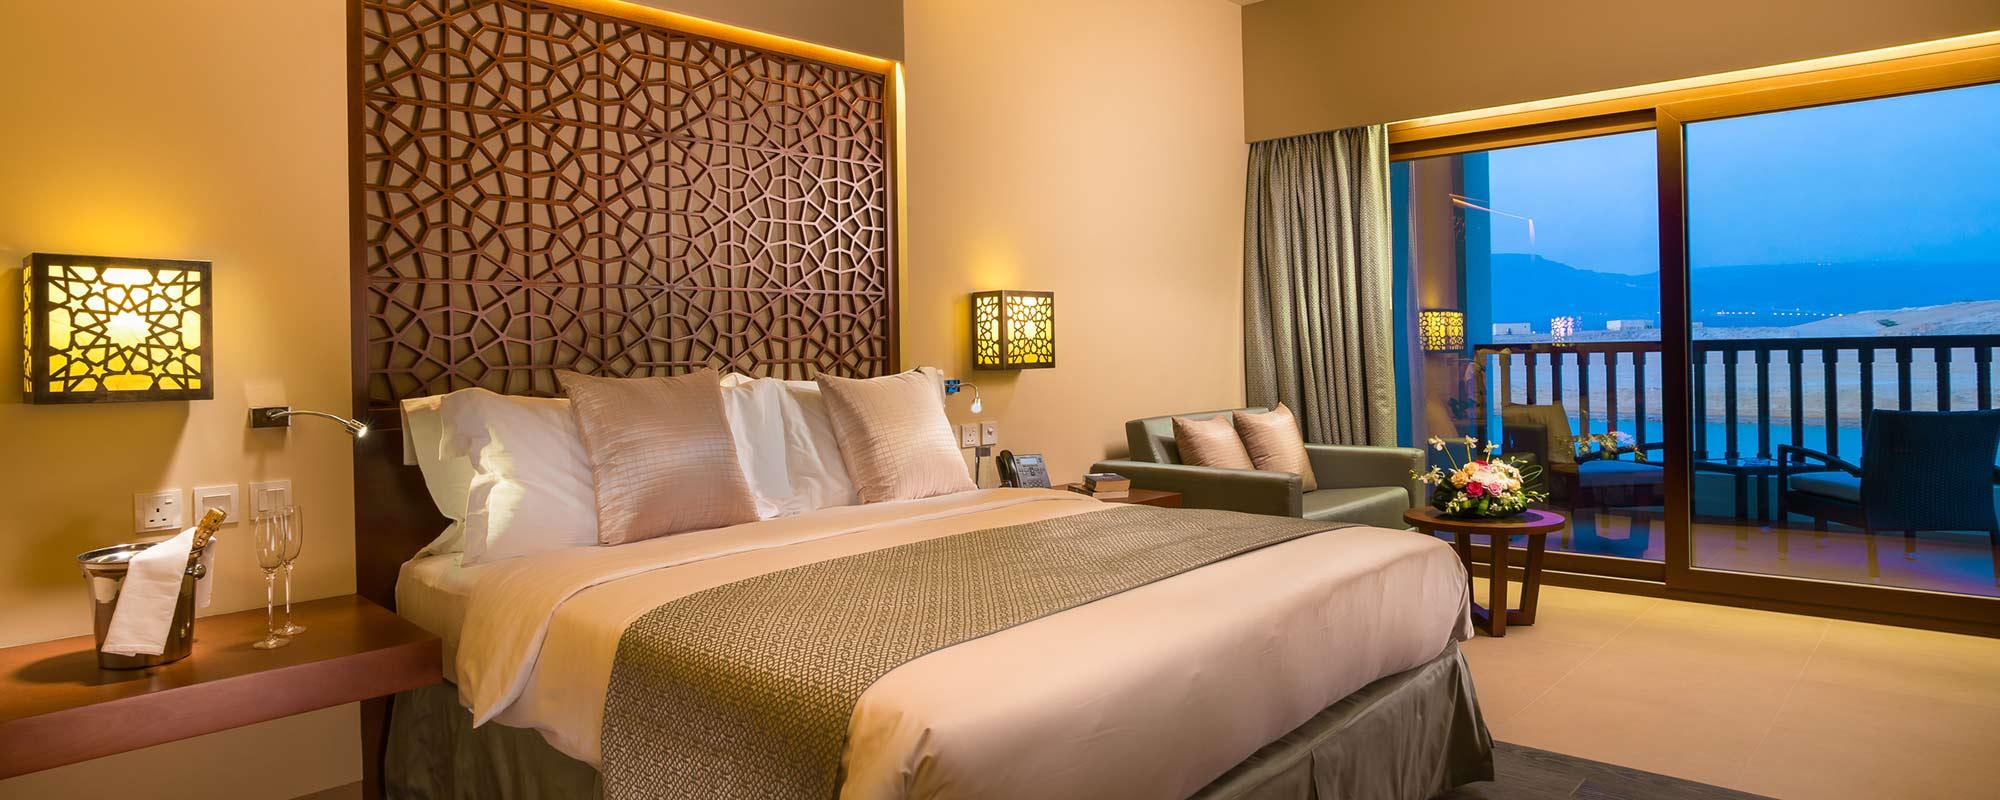 Fanar hotel Salalah Oman Orascom